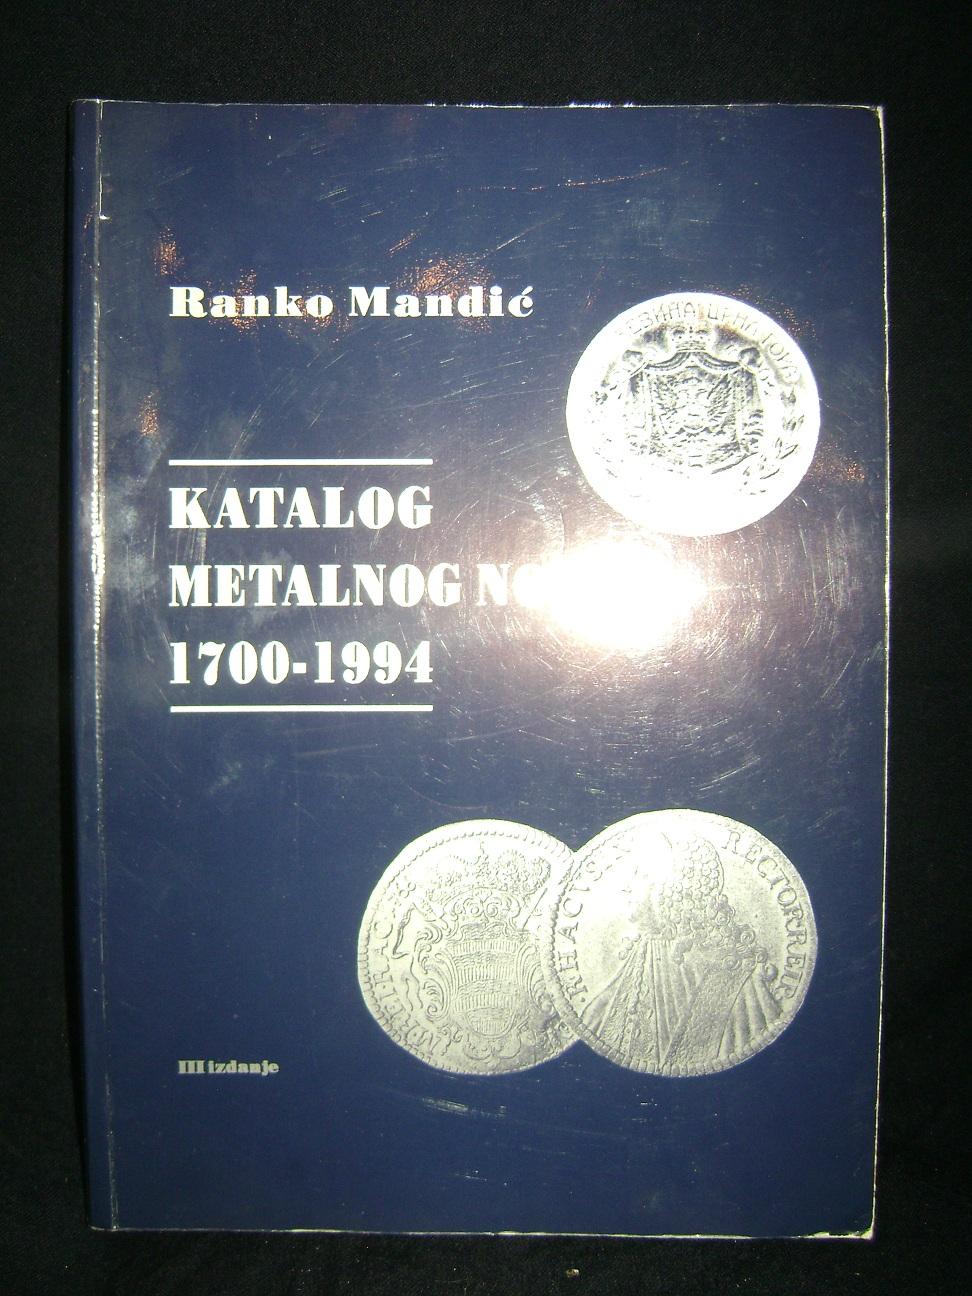 KATALOG_METALNOG_NOVCA_1700-1994_Ranko_Mandić_1.JPG